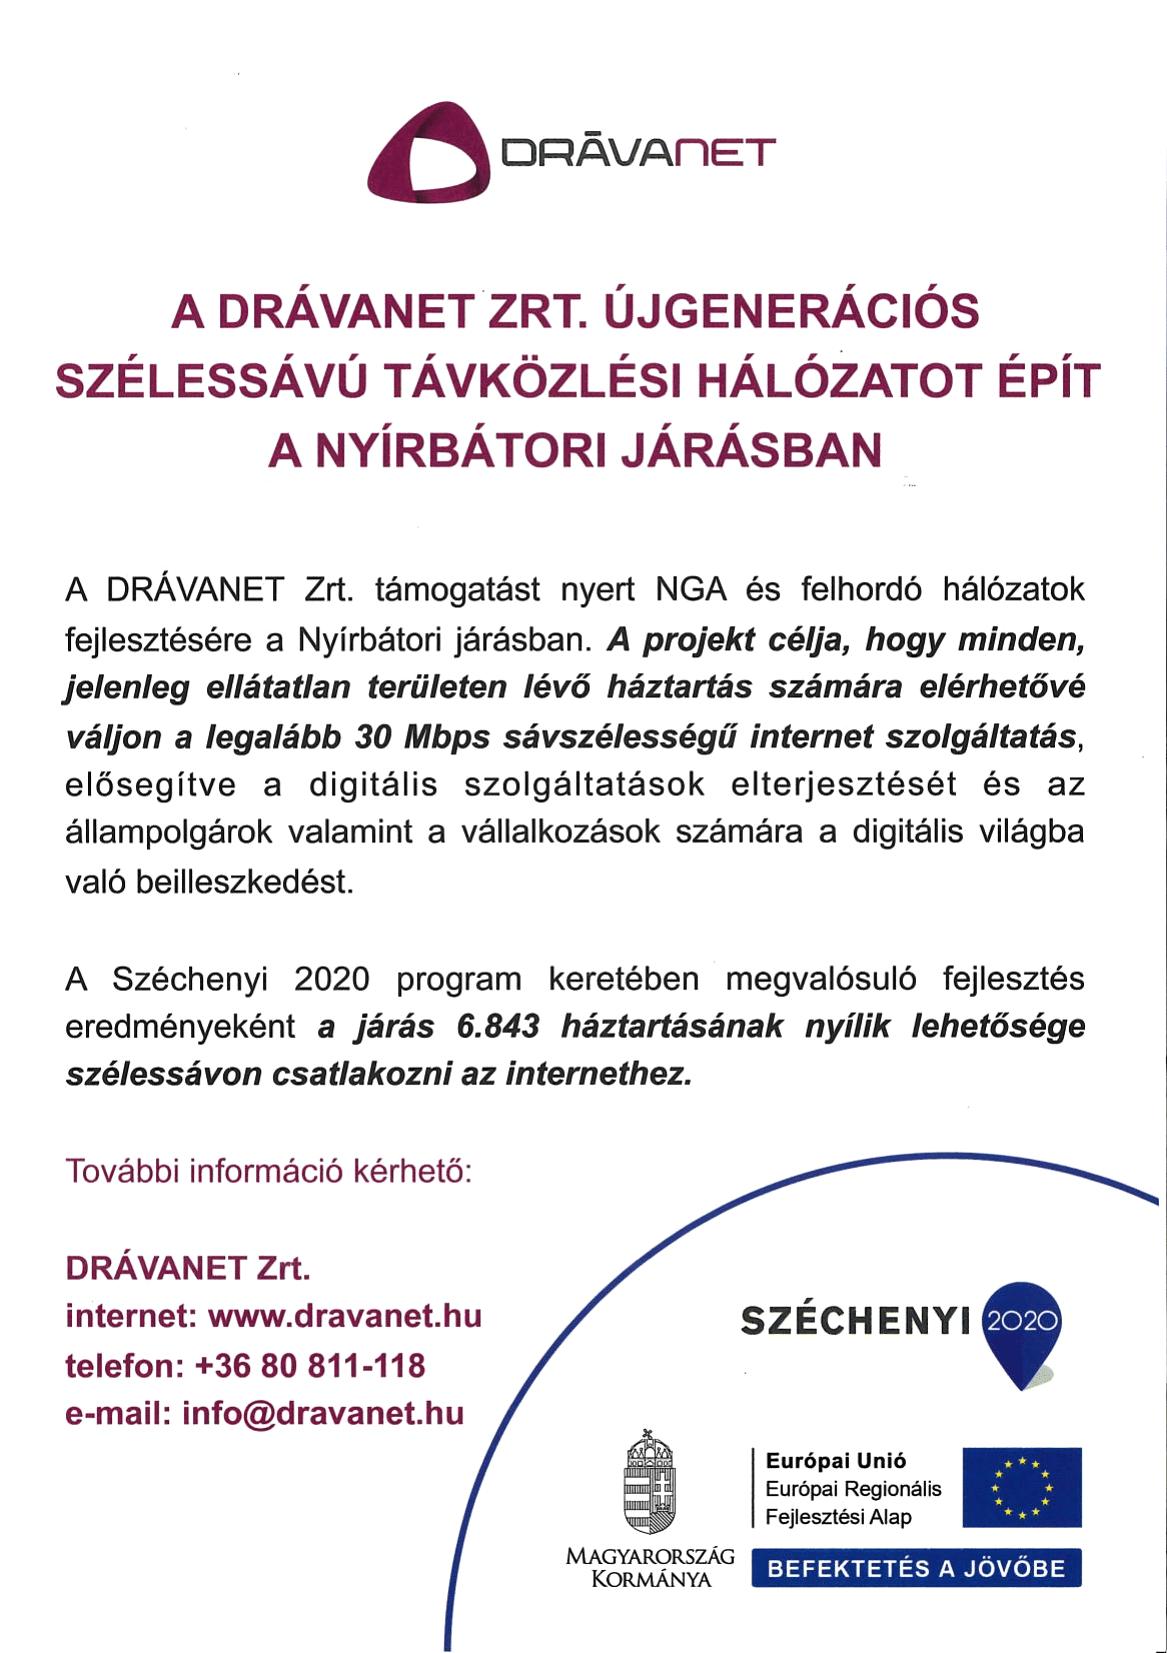 DRÁVANET-1